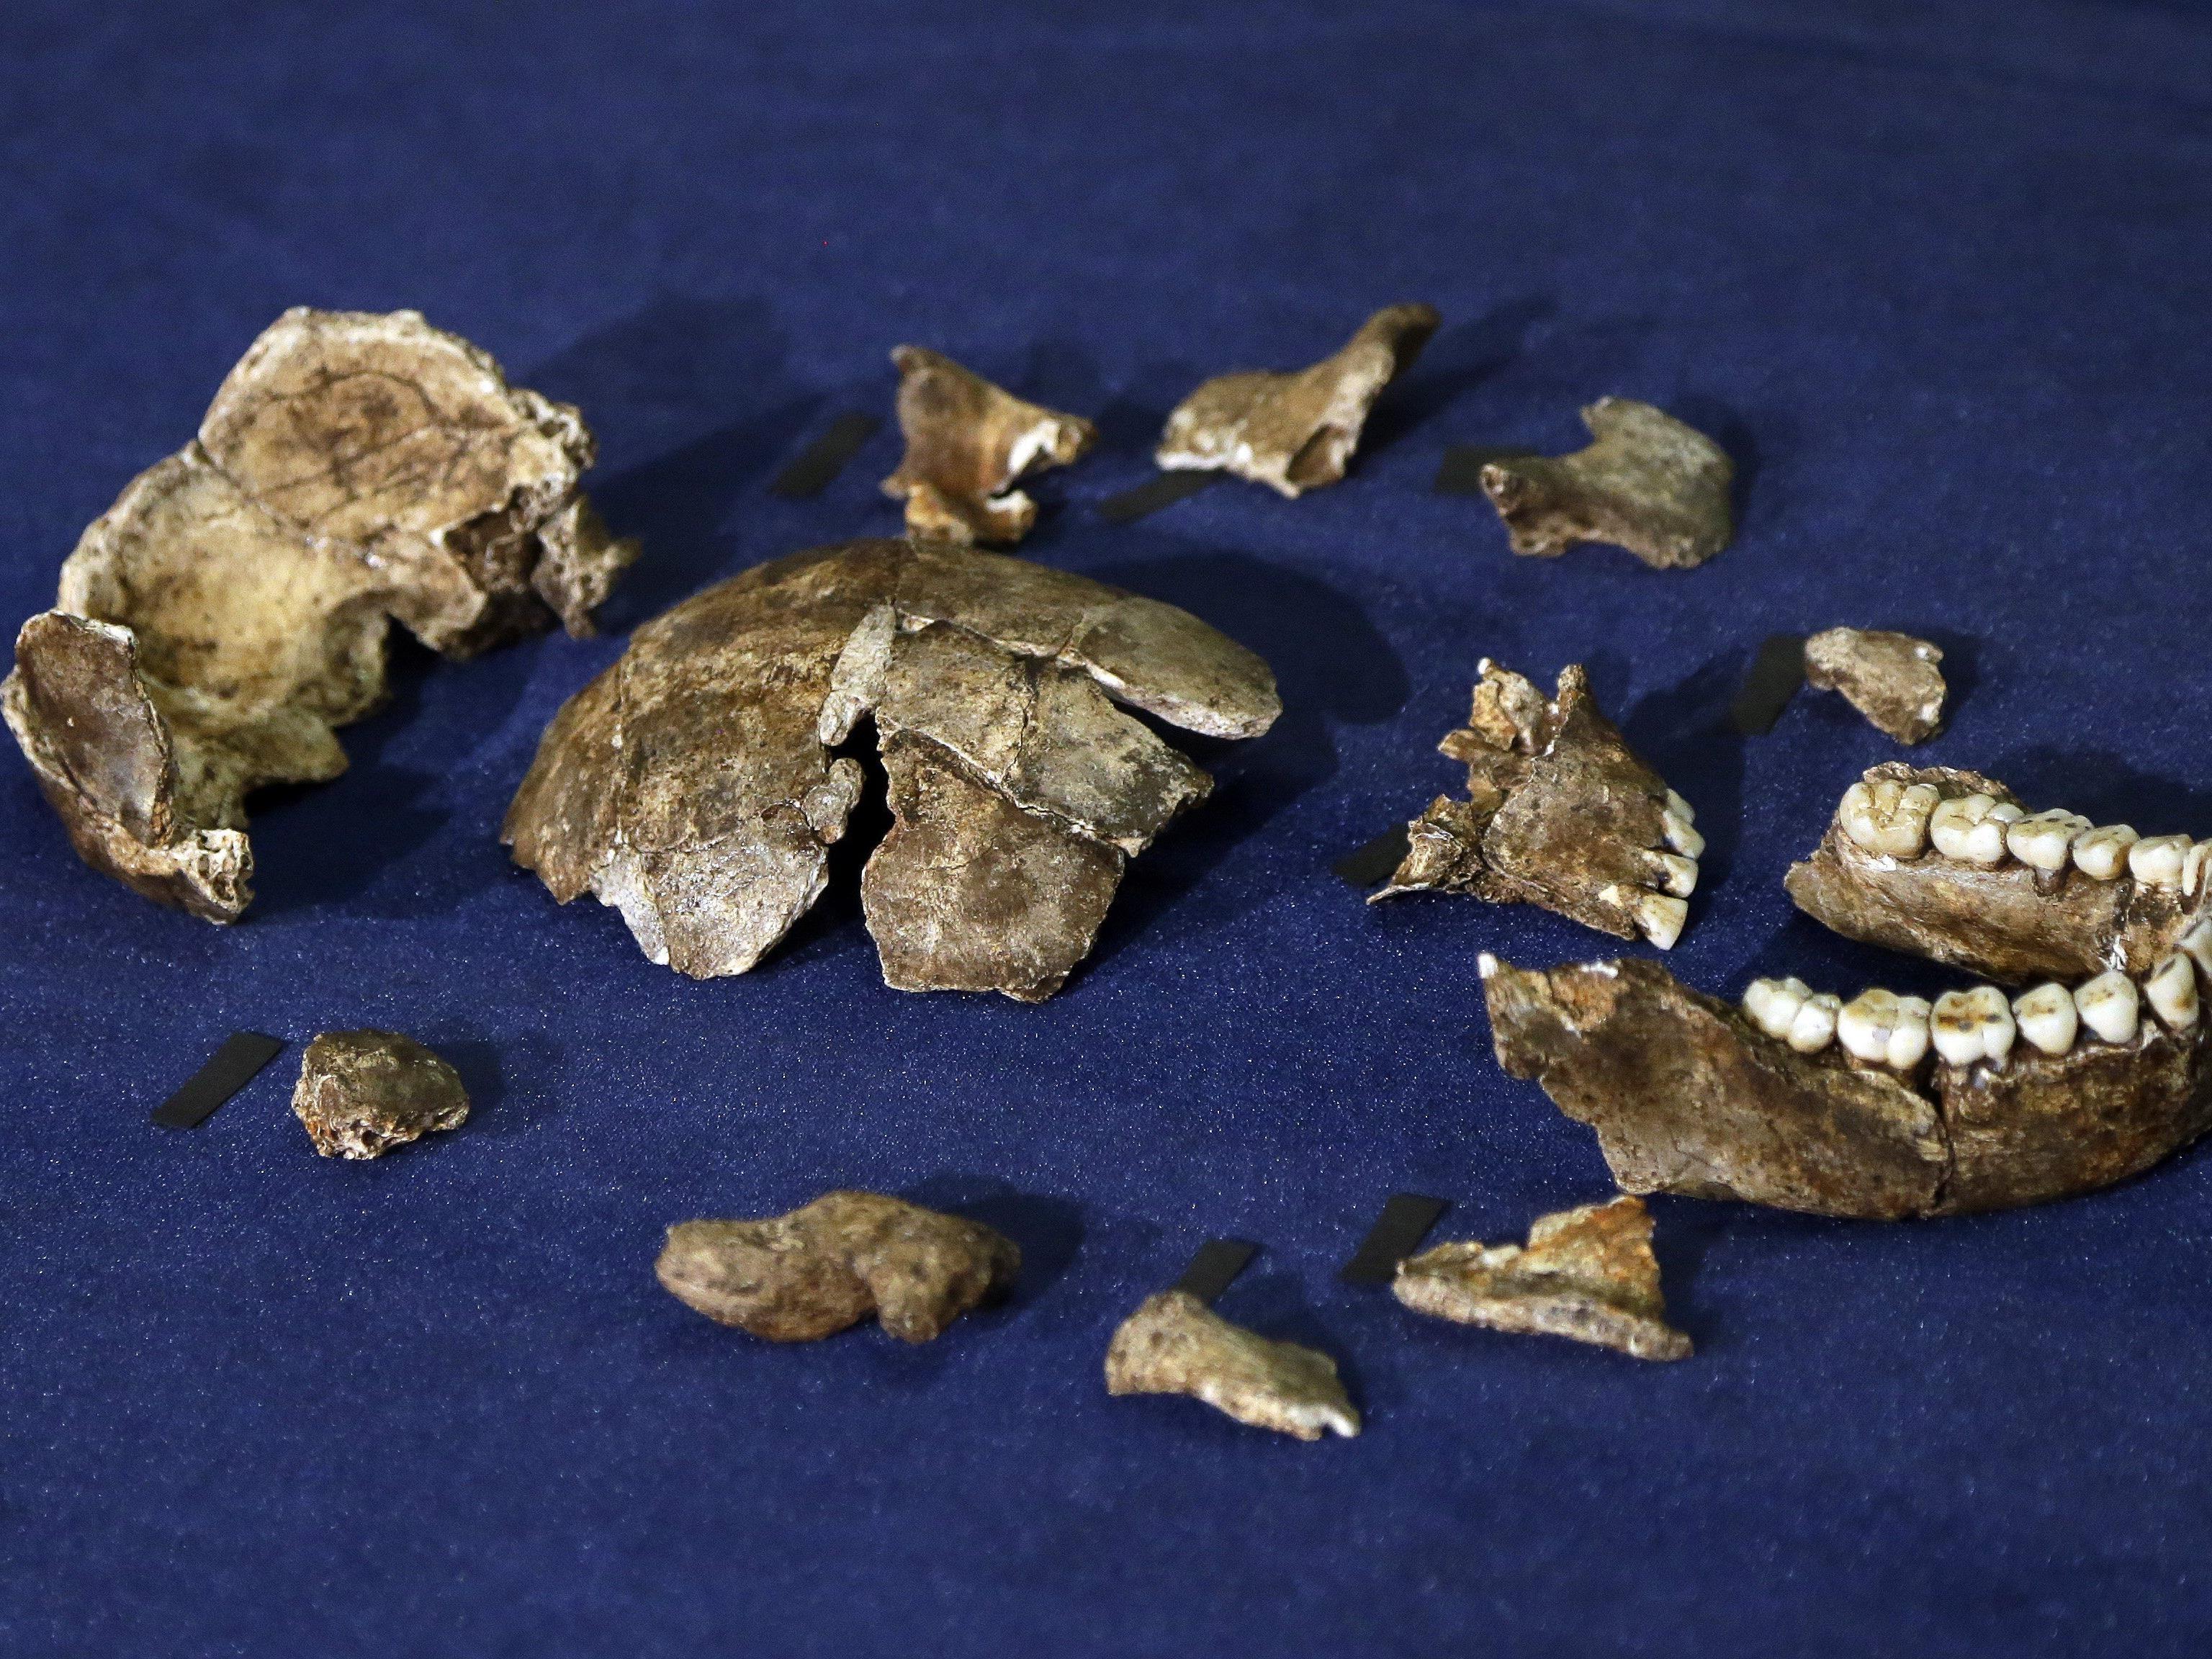 Homo naledi: Zierlicher Verwandter des modernen Menschen entdeckt